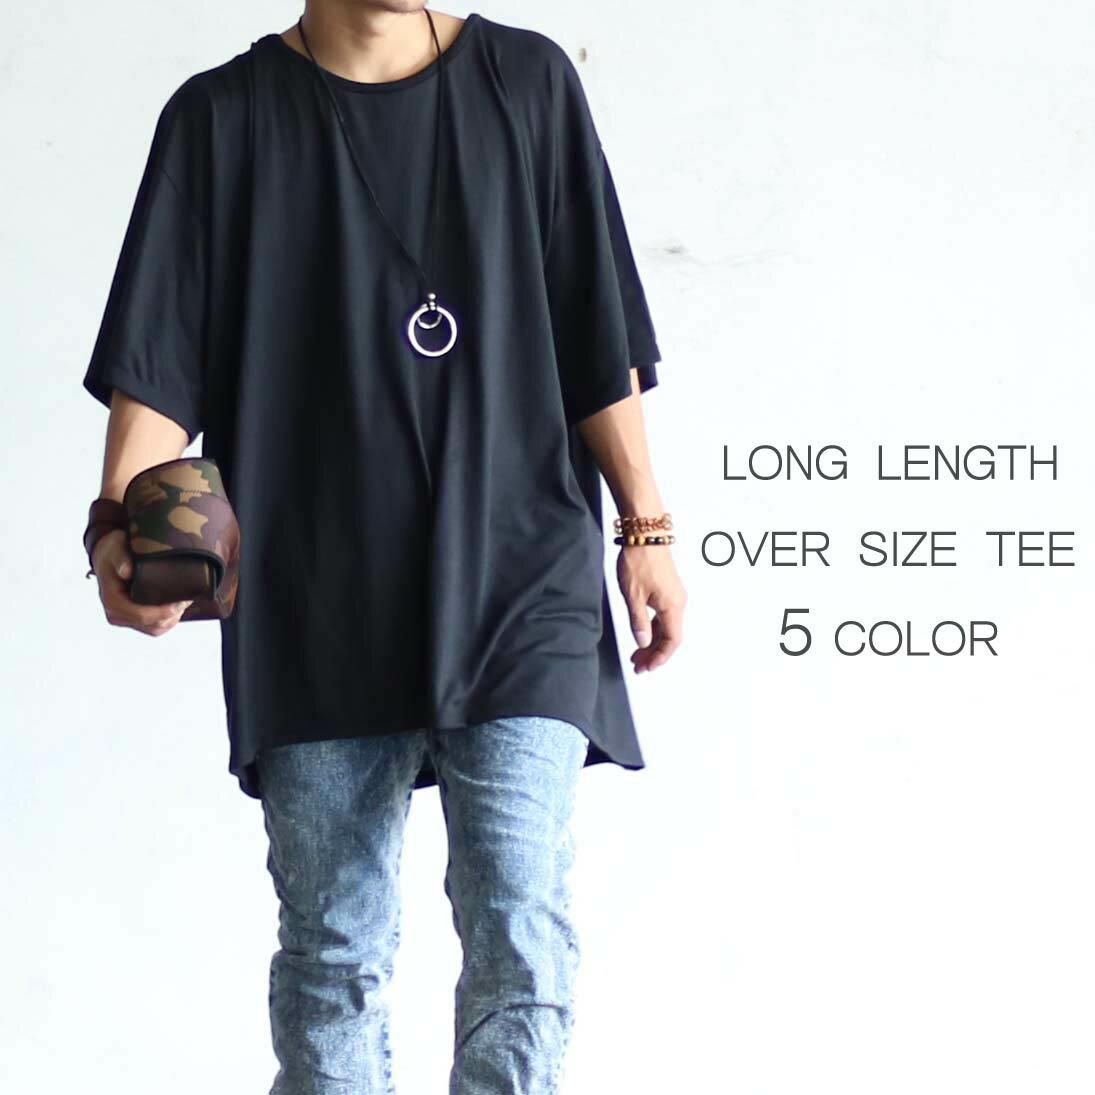 超ビッグTシャツ 半袖 オーバーサイズ ビックTシャツ ロング丈白 黒 ワイン グレー グリーン ホワイト ブラック